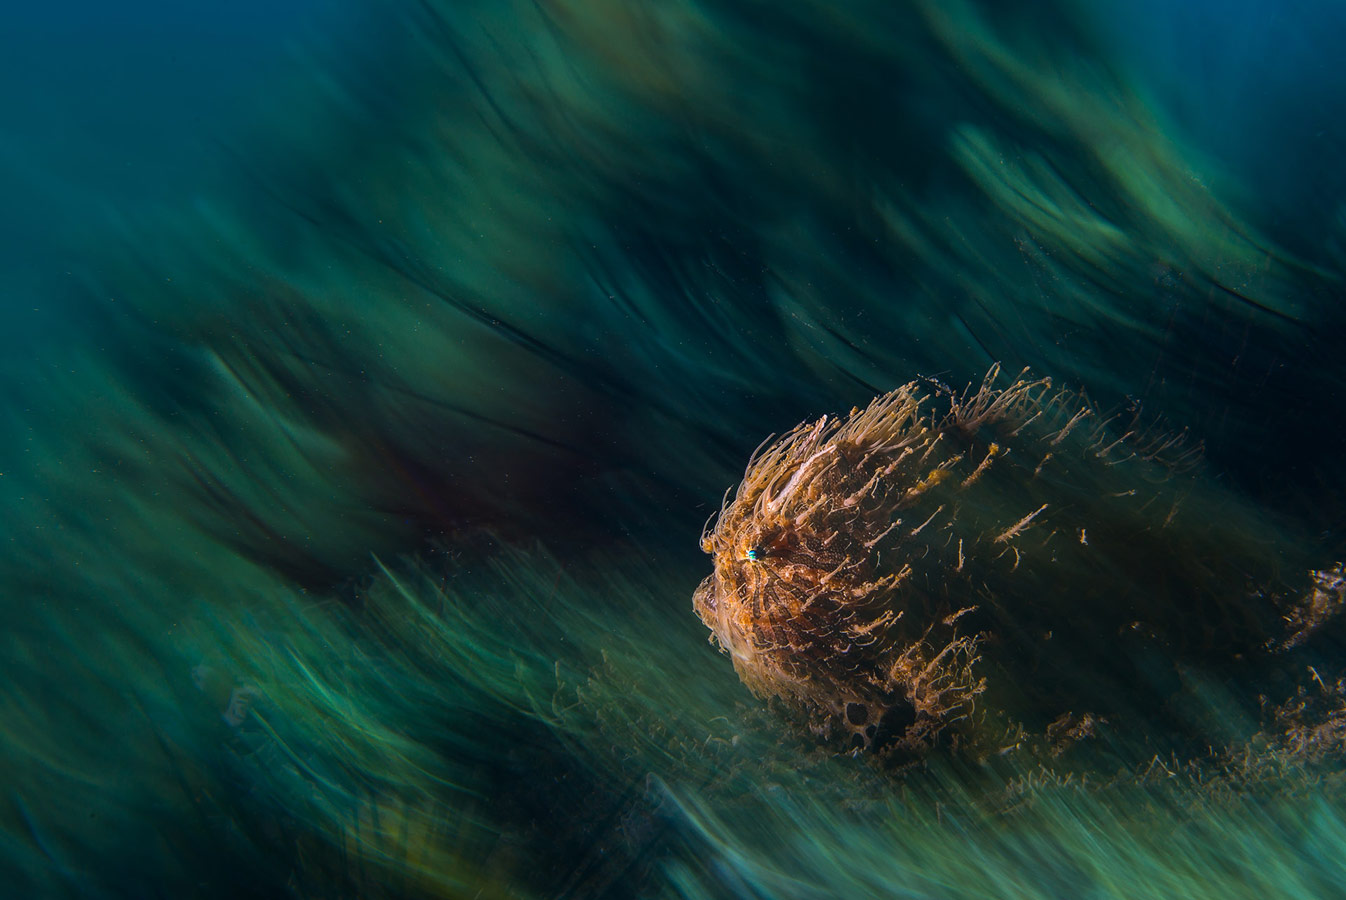 Драгос Думитреску / Dragos Dumitrescu, Филиппины, Почётная оценка в категории «Океан», Фотоконкурс «Лучшая природная фотография Азии» — Nature's Best Photography Asia